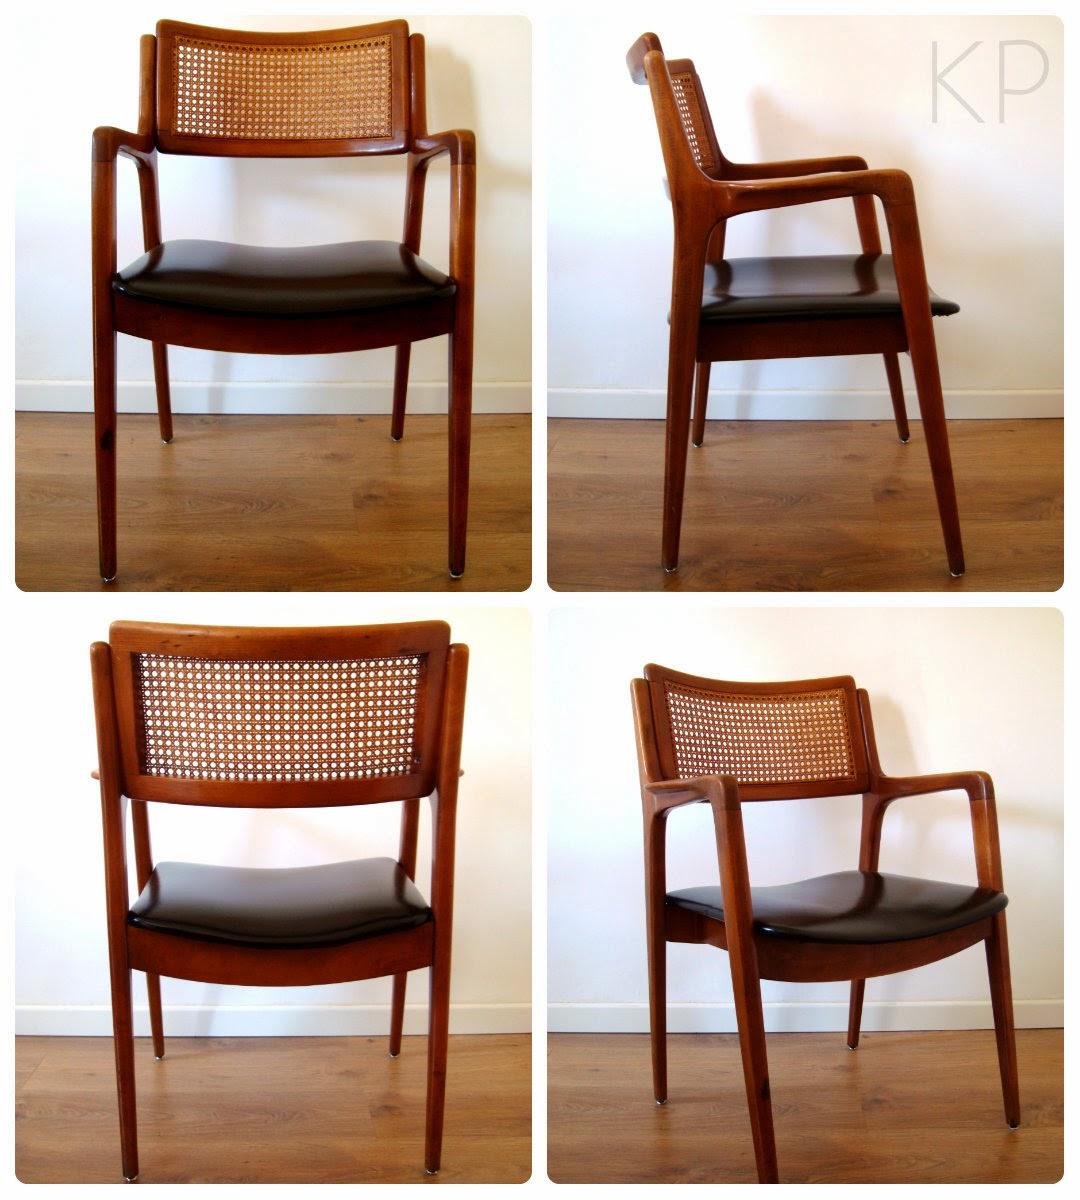 Conjuntos de 4 sillas danesas para comedor. Sillas vintage online. Venta de muebles daneses.